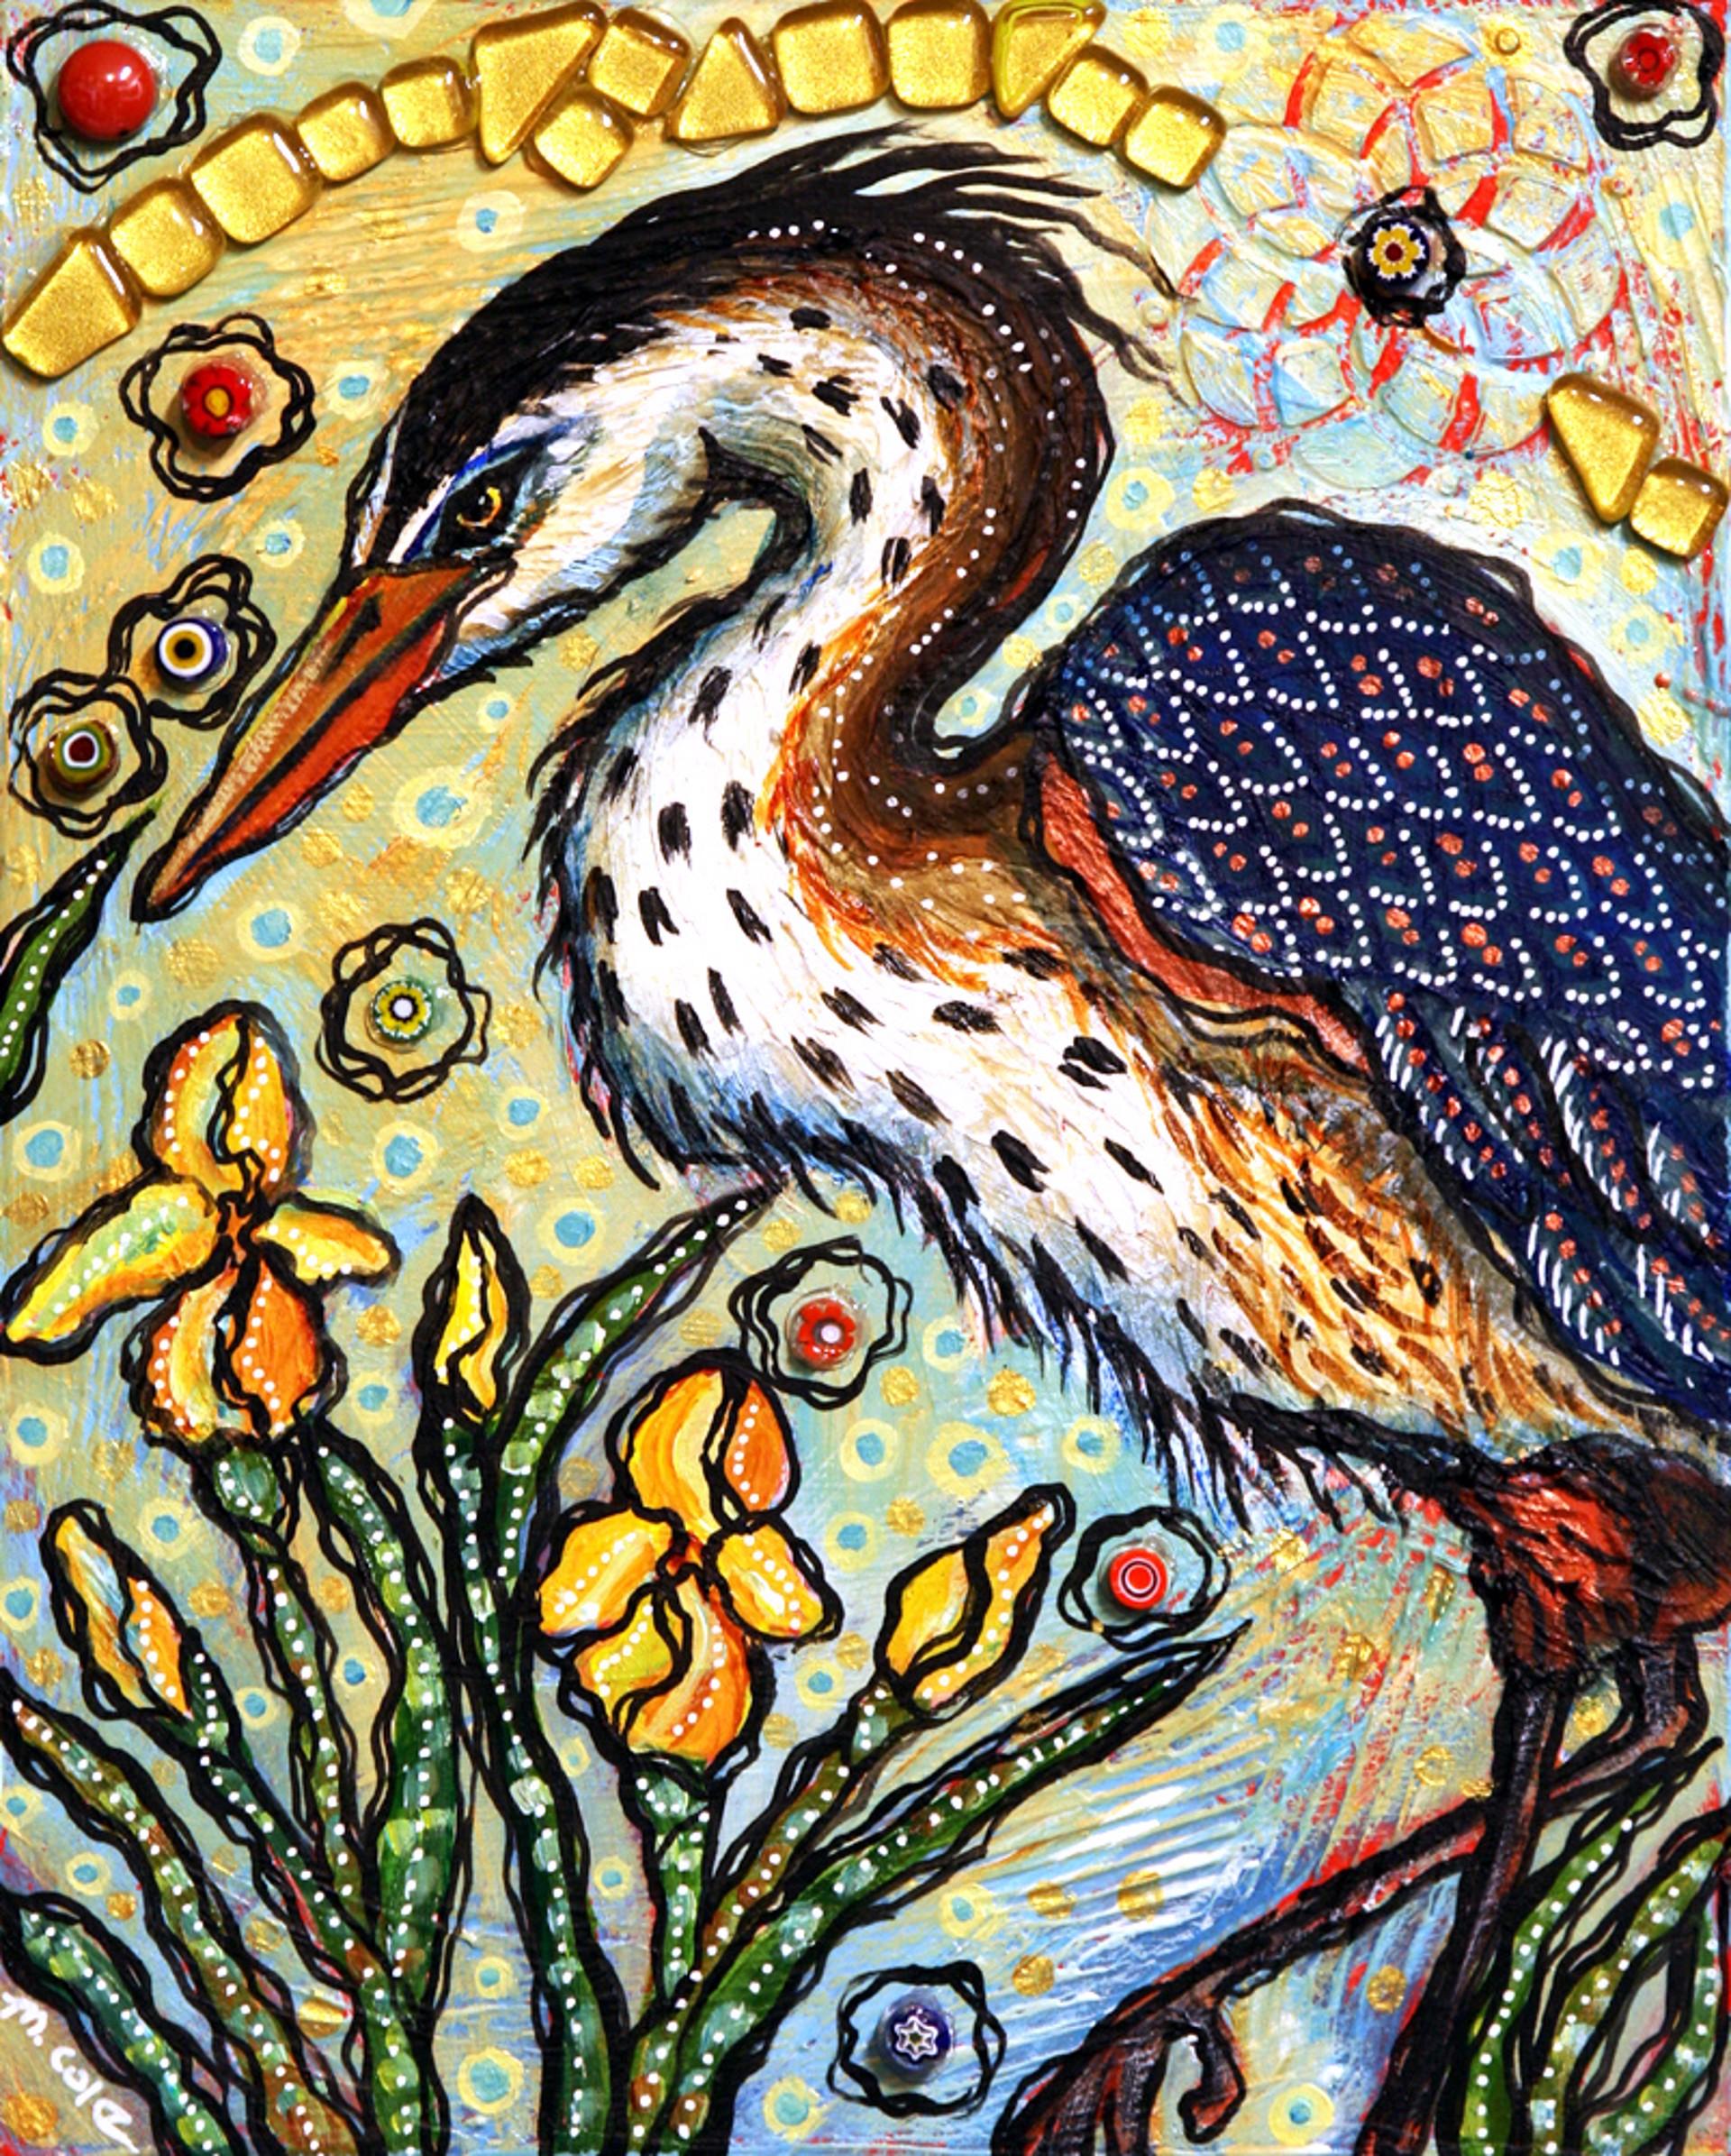 Golden Garden by Melissa Cole